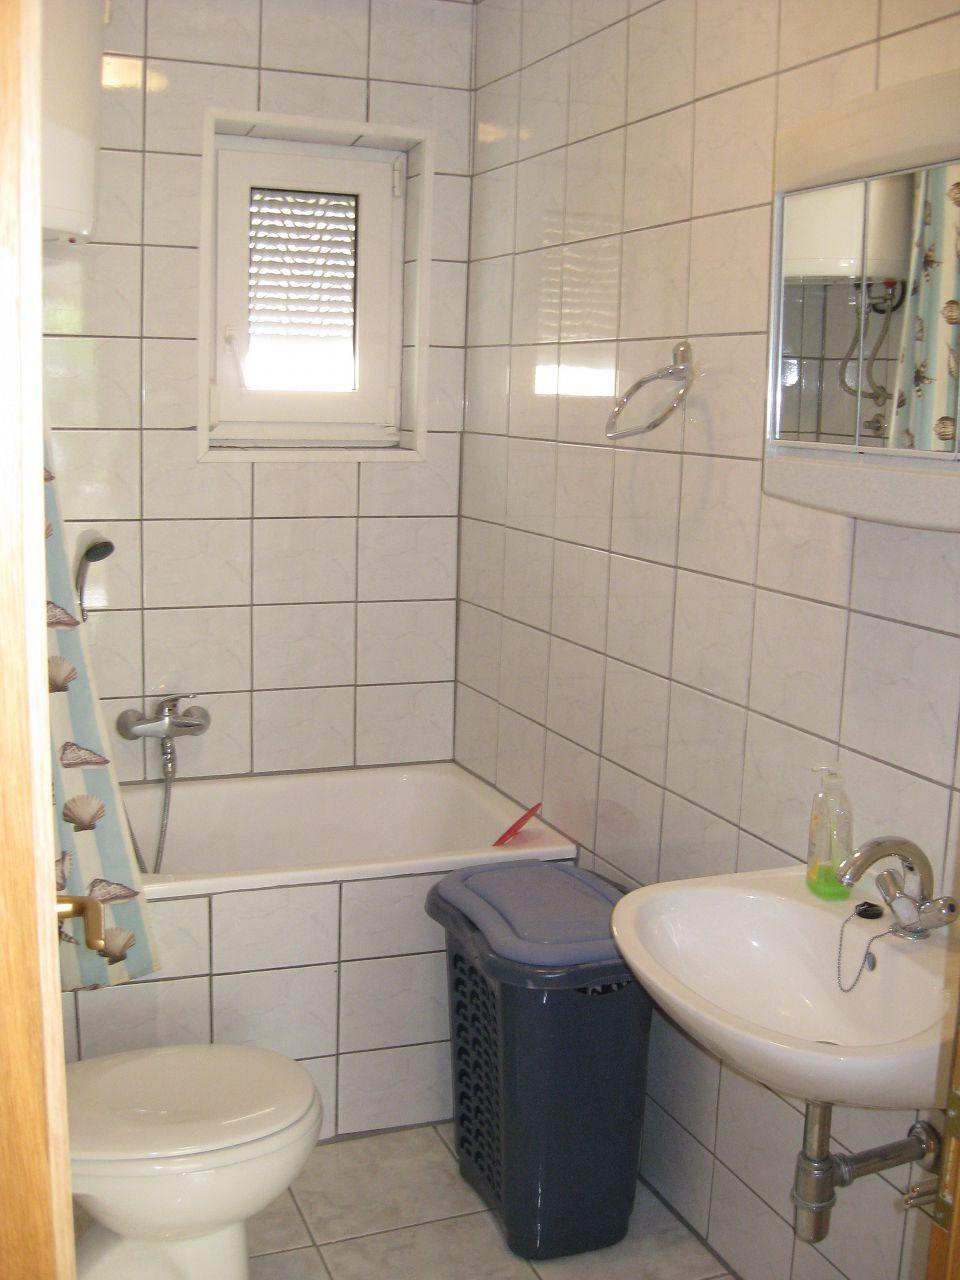 35306 - Okrug Gornji - Appartamenti Croazia - A2(4+2): il bagno con la toilette